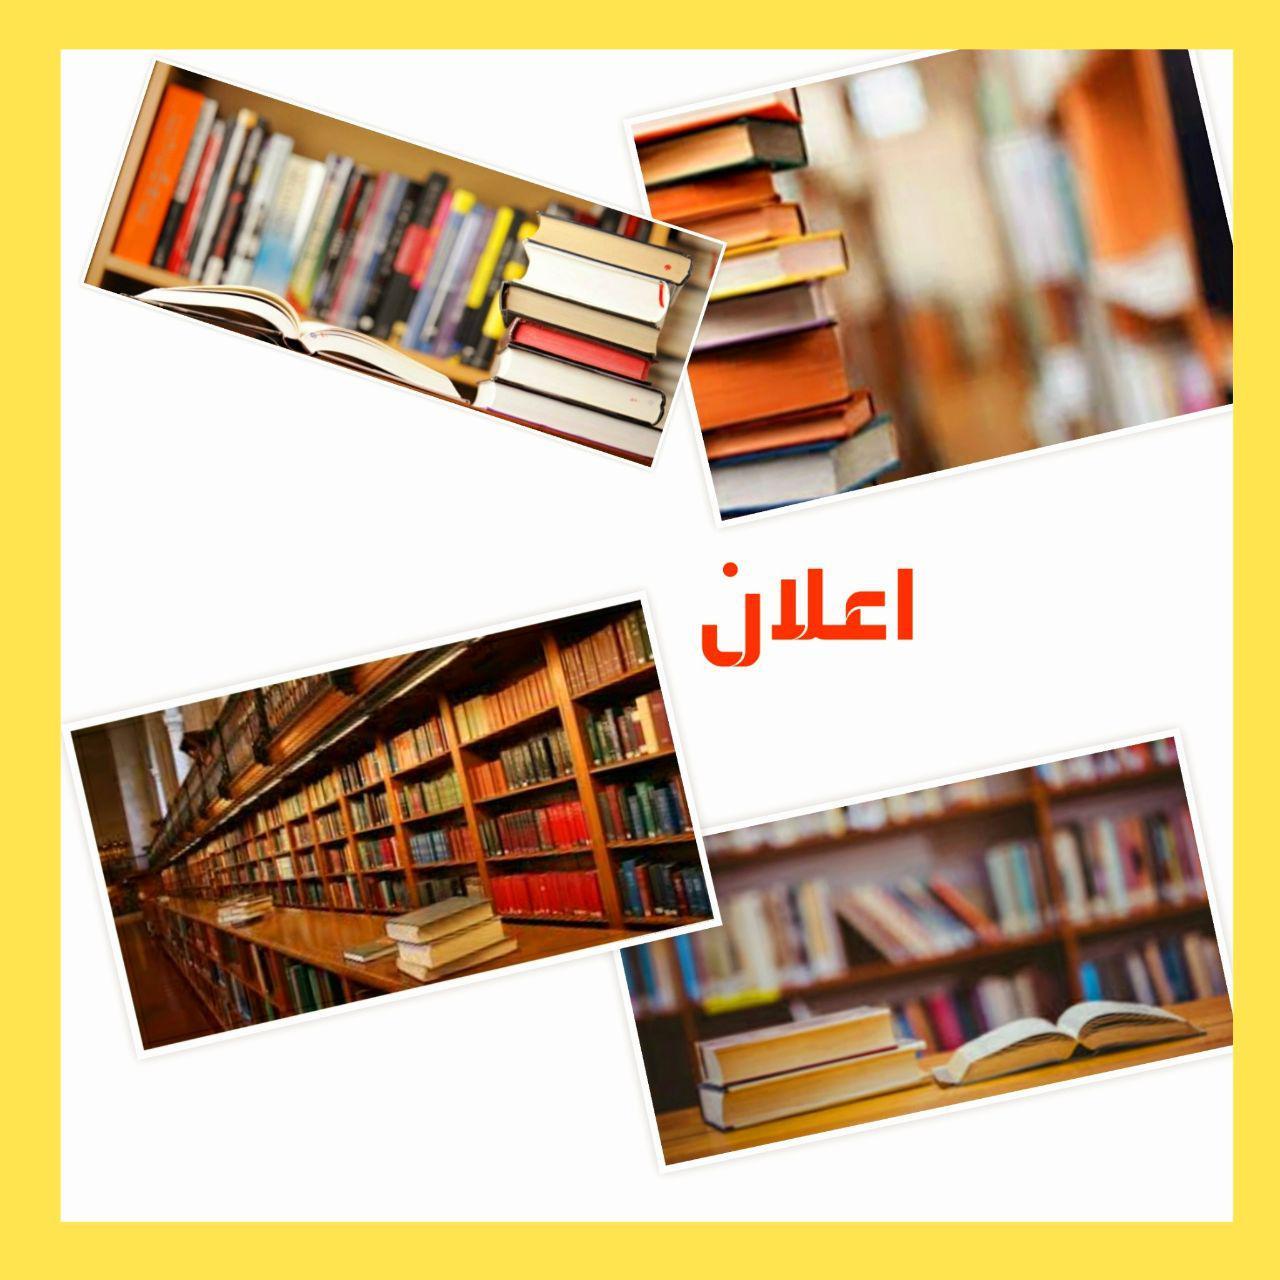 اعلان مكتبة الدراسات العليا للطلبة بشأن الكتب المستعارة